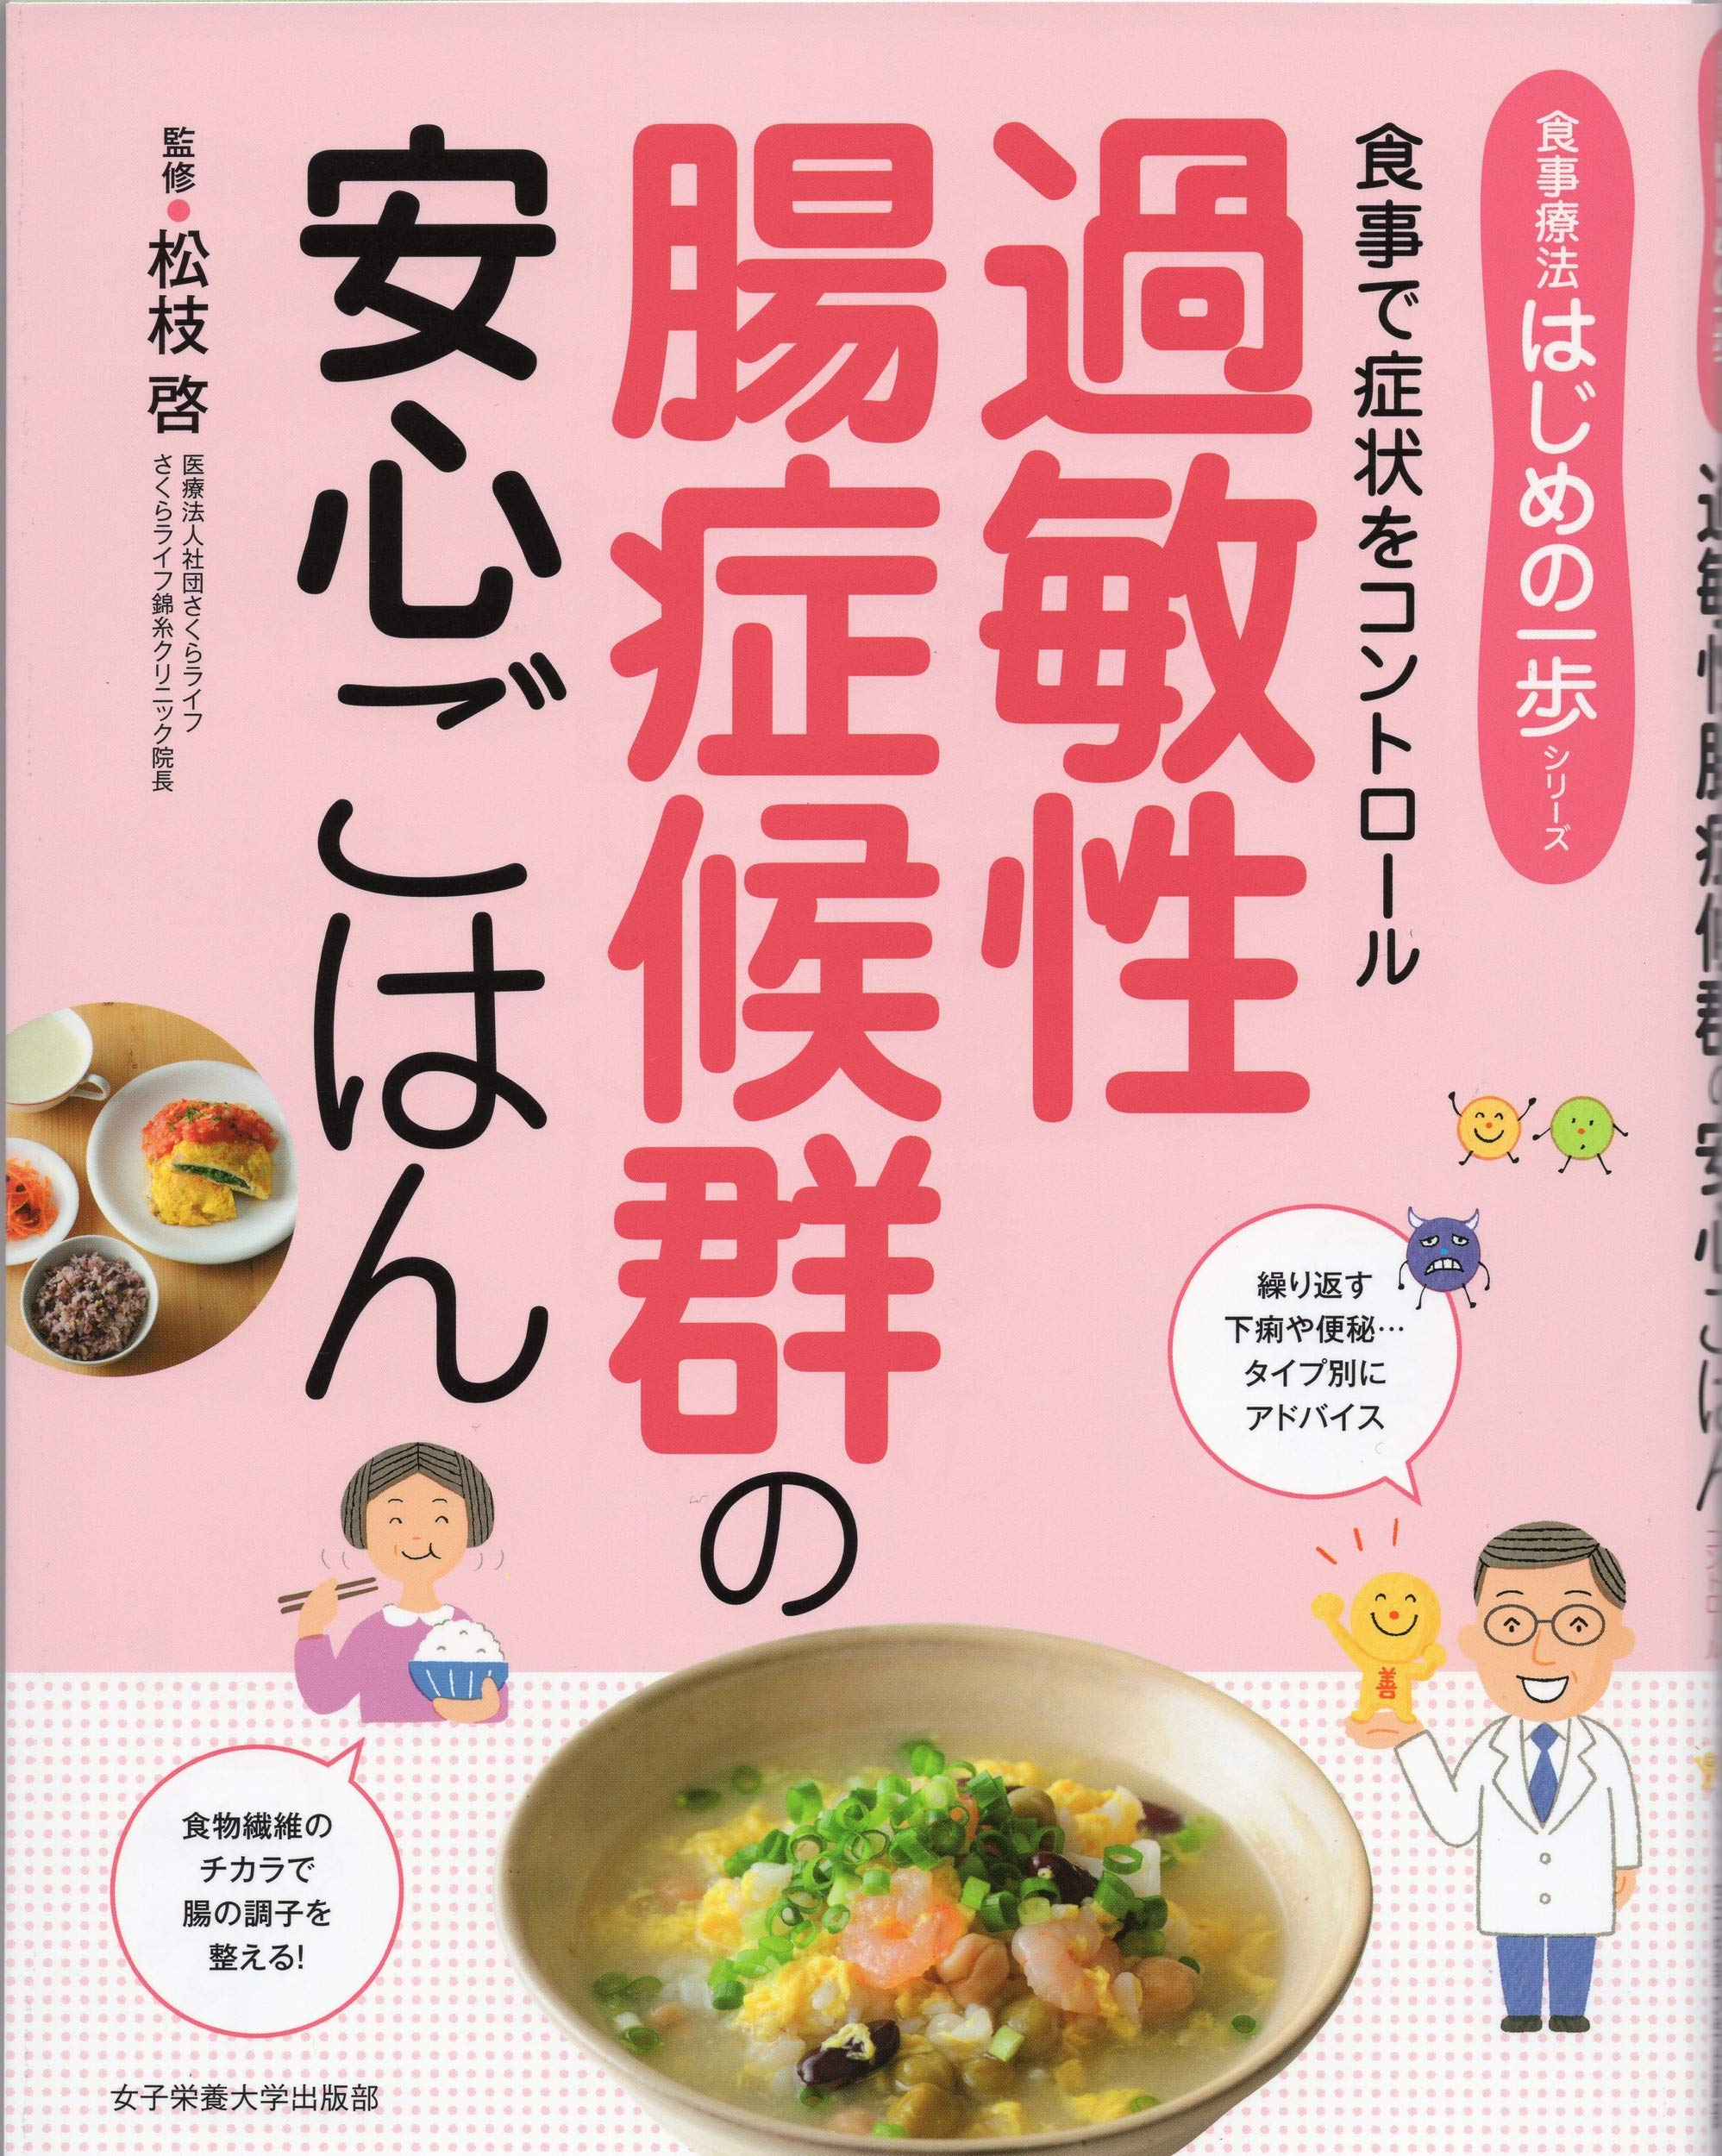 腸 症候群 食べ物 過敏 性